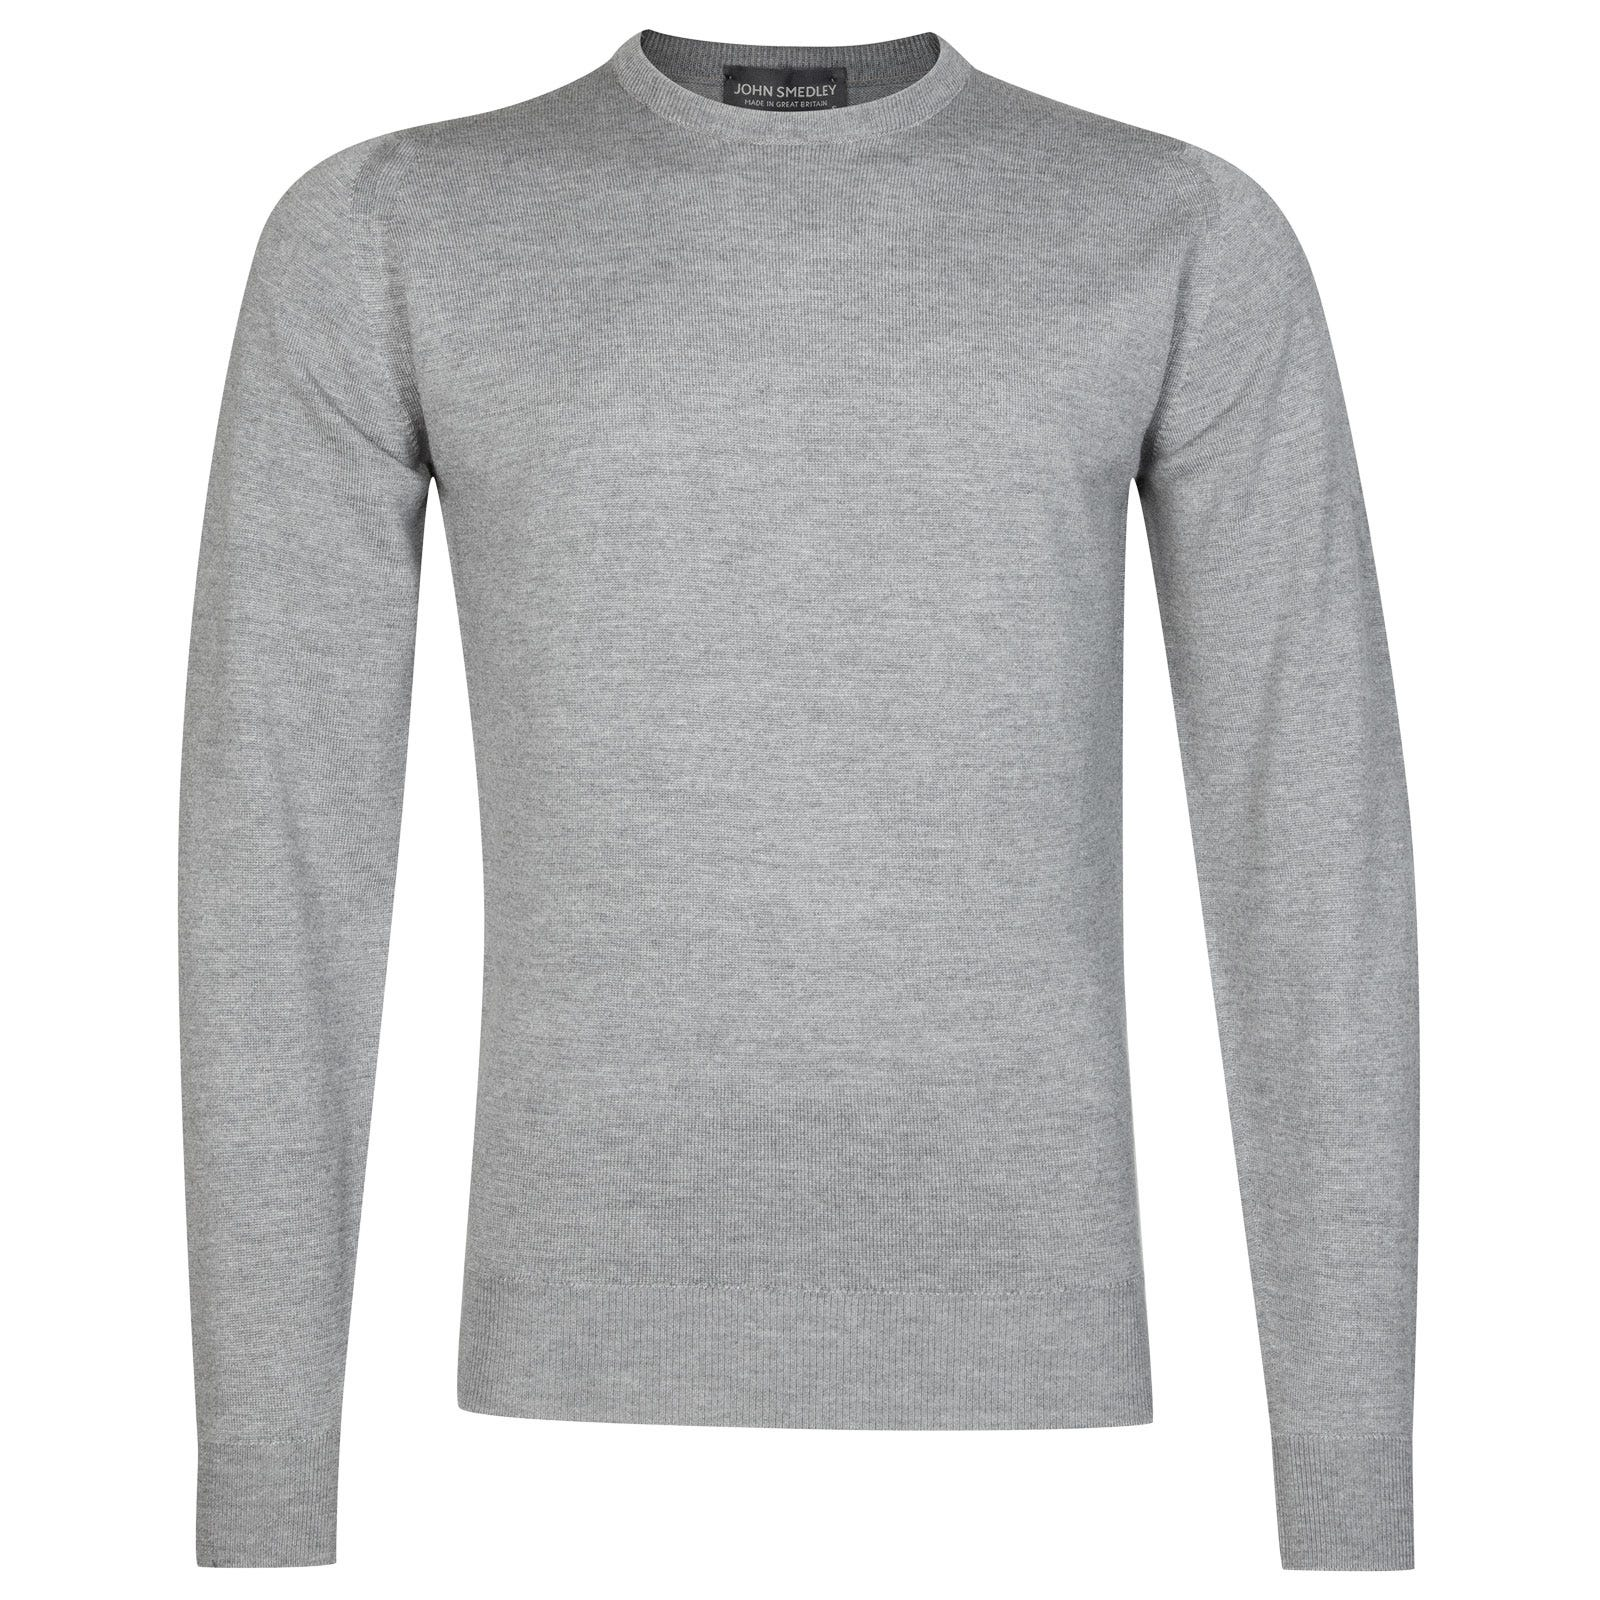 John Smedley farhill Merino Wool Pullover in Silver-XXL